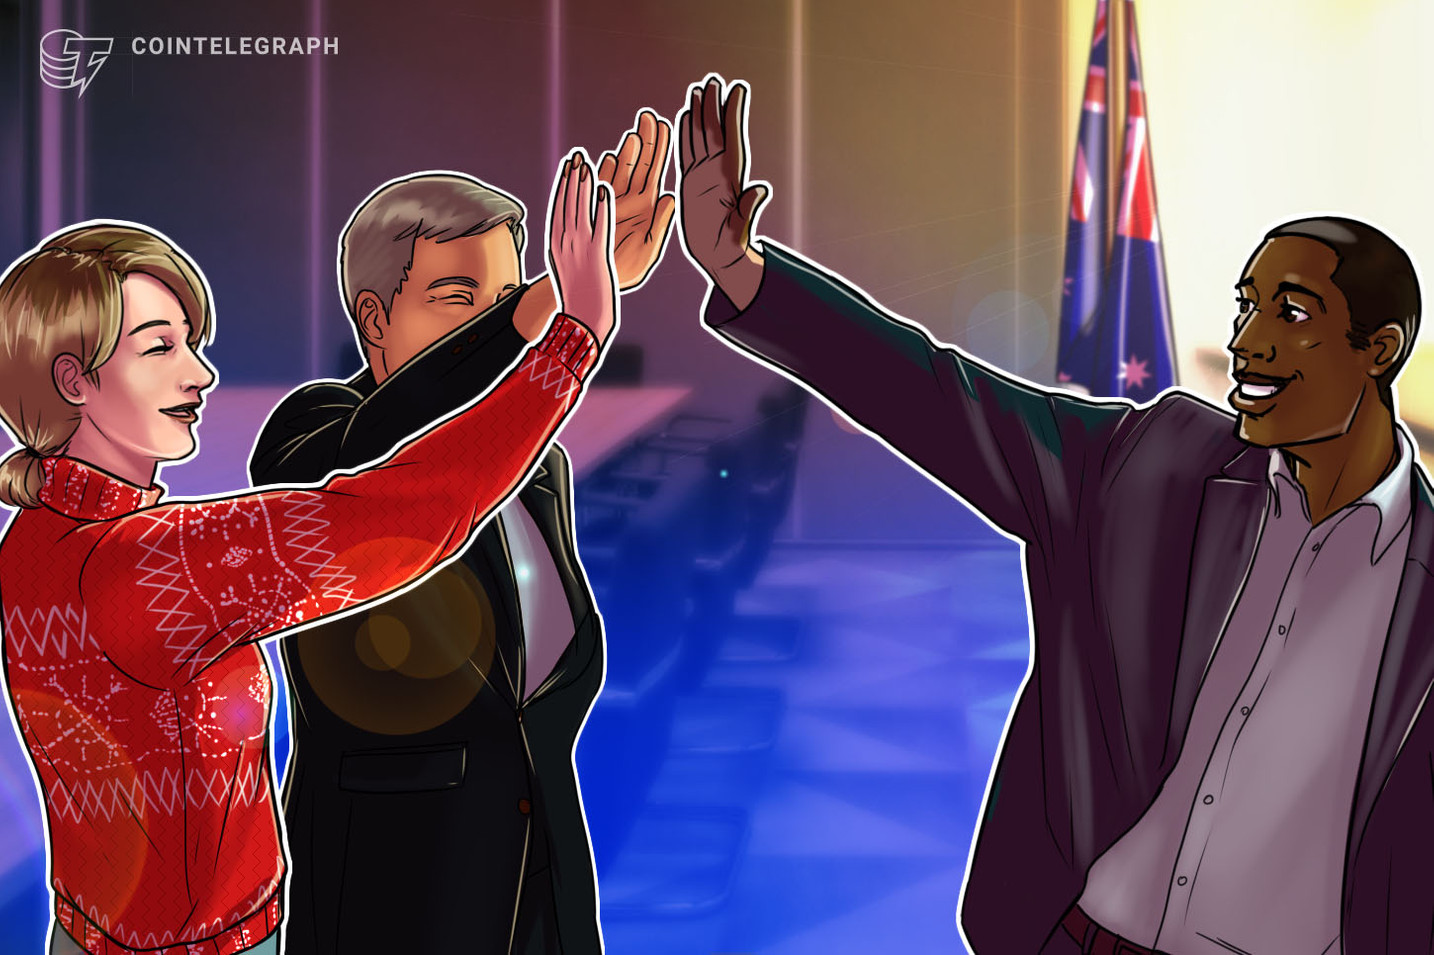 Square adquiere la empresa australiana de fintech Afterpay por USD 29,000 millones